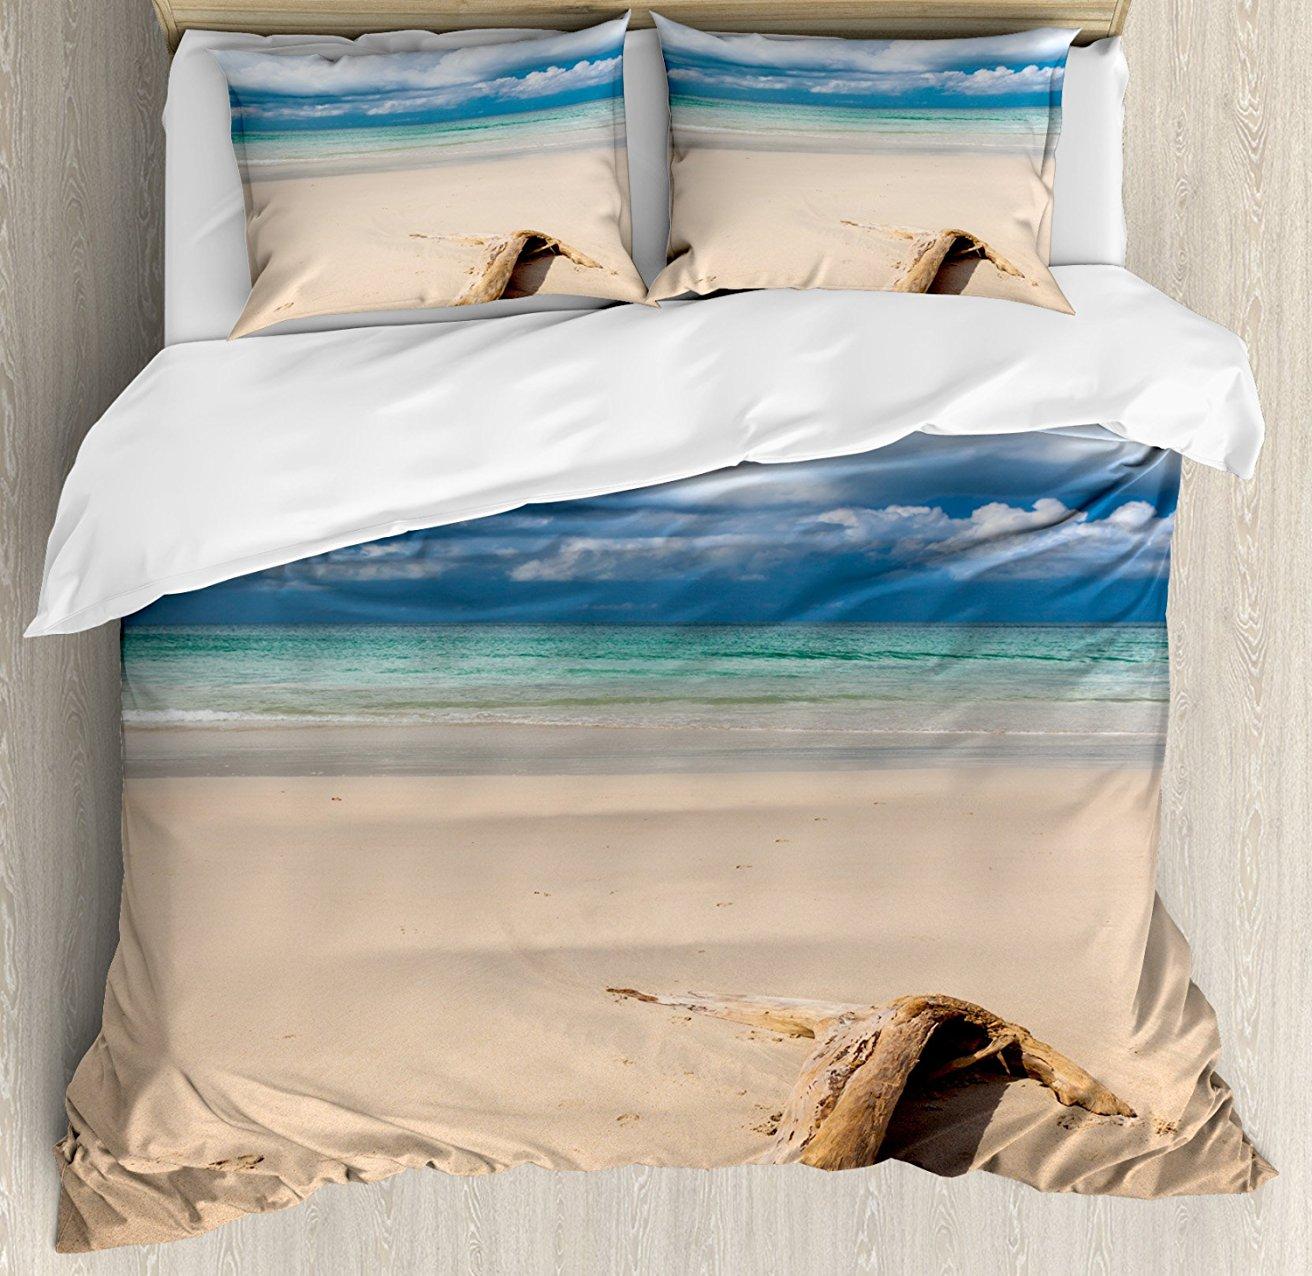 Ensemble housse de couette décor bois flotté, thème mer bois flotté sur la plage de sable et ciel nuageux impression numérique, ensemble de literie 4 pièces